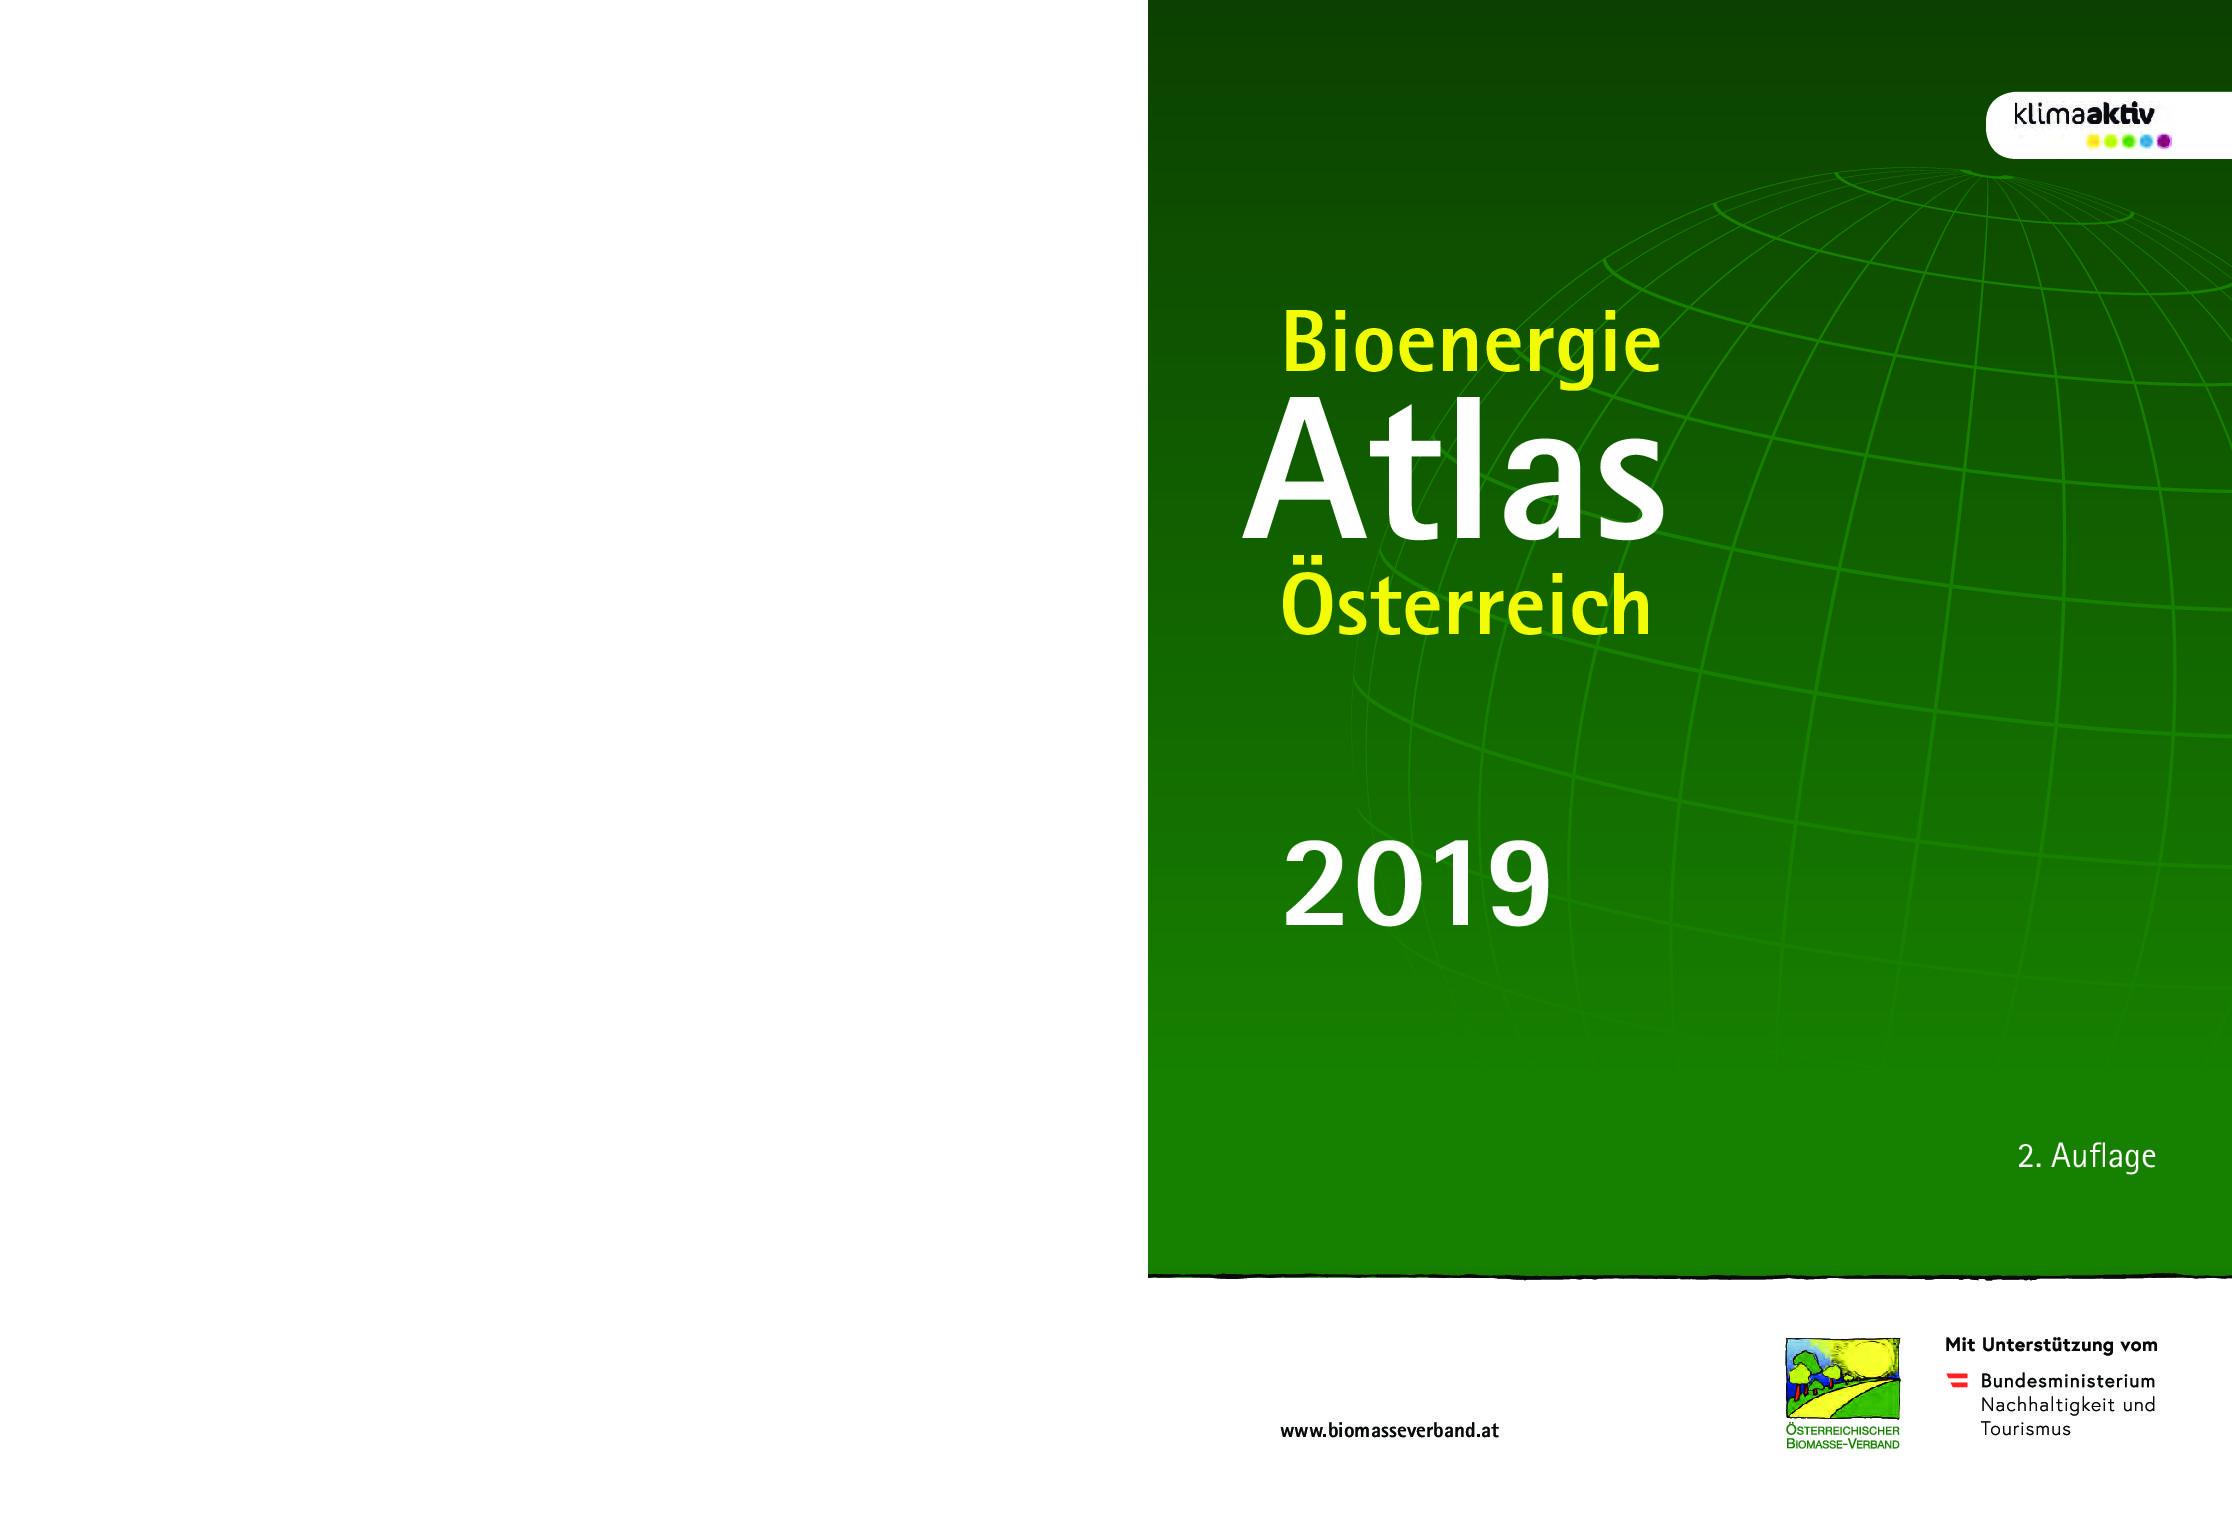 Bioenergie Atlas Österreich 2019